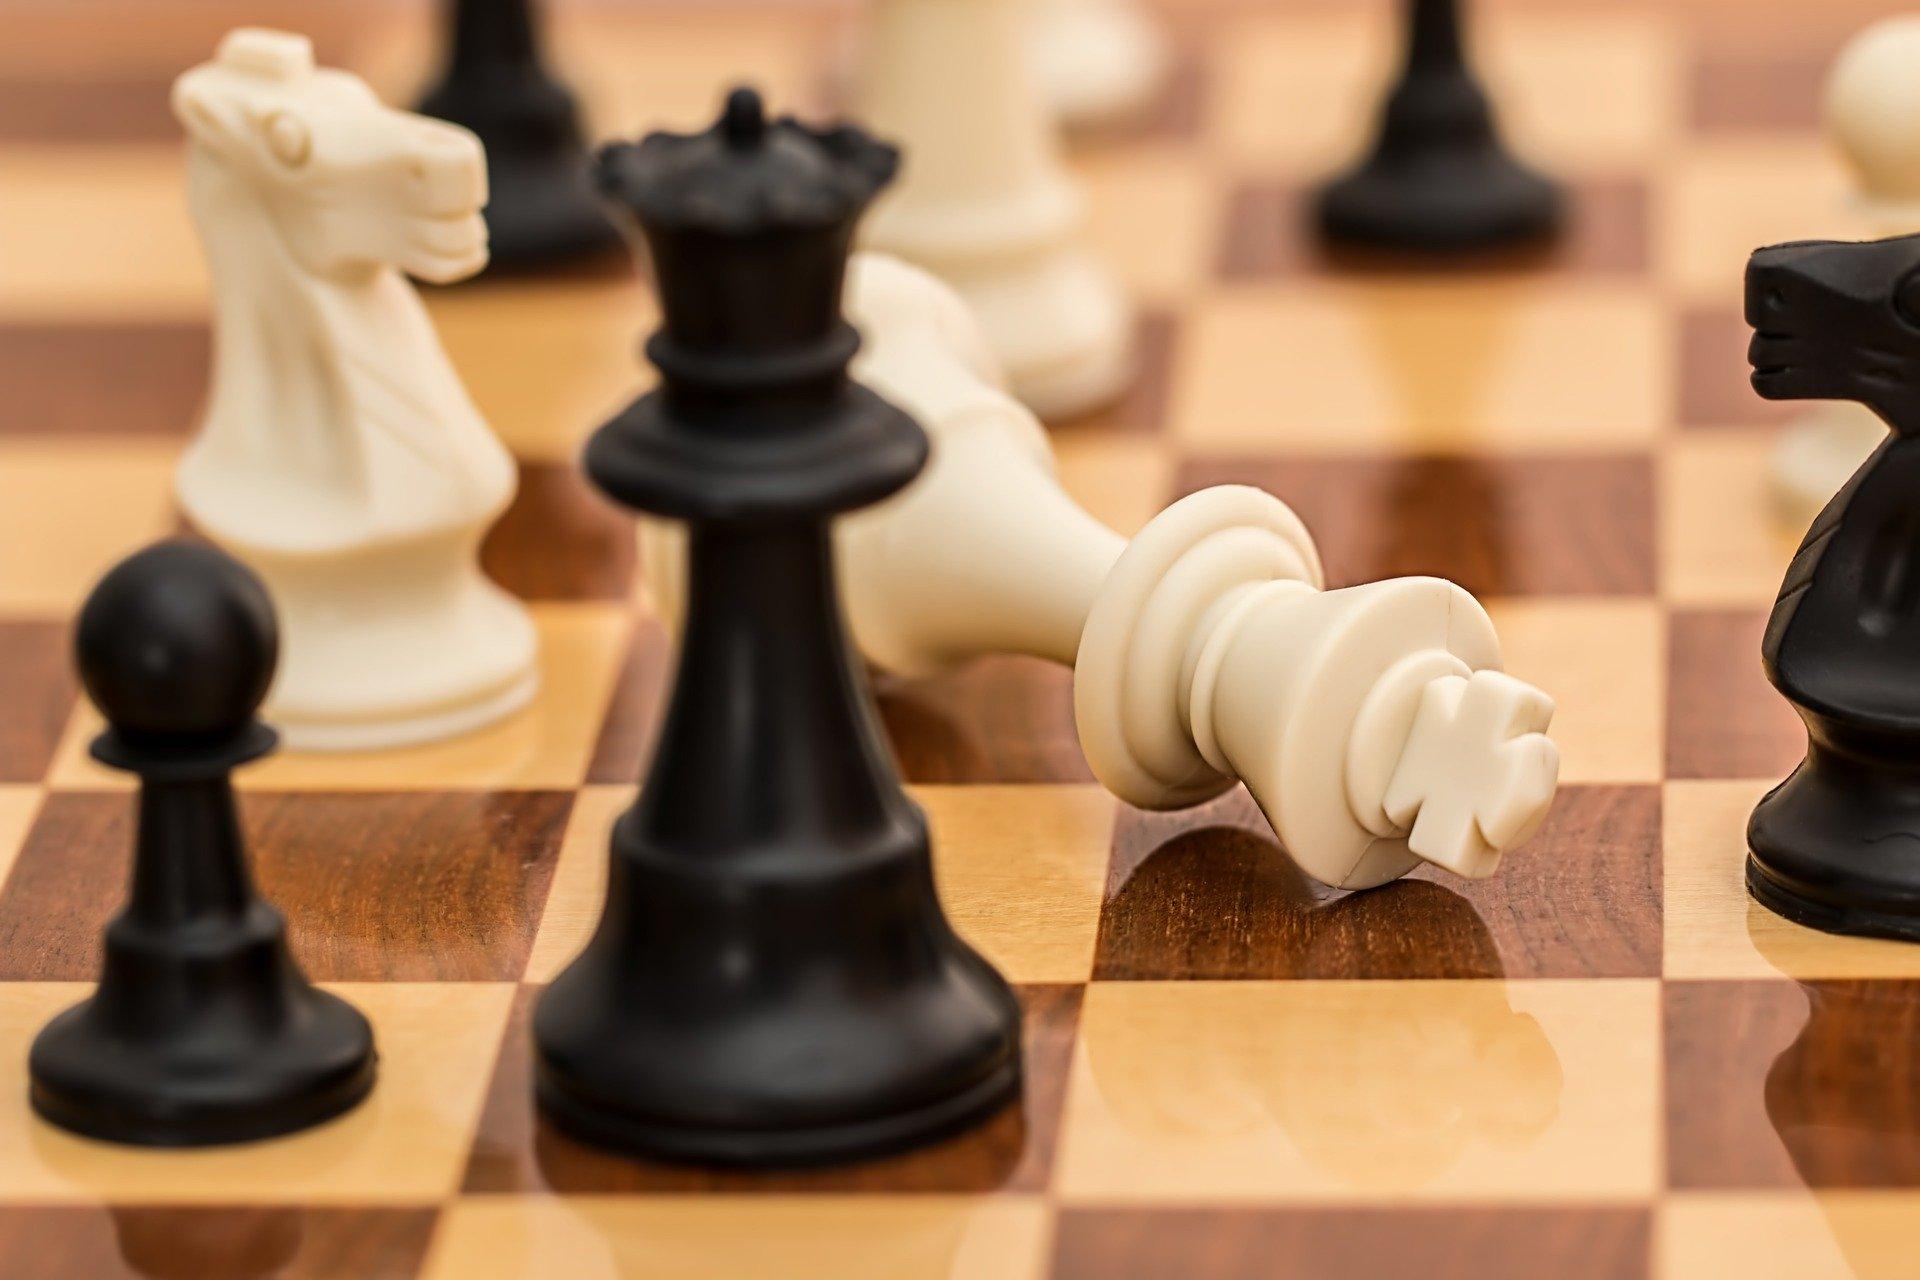 Nietypowy turniej szachowy dla uczniów szkół podstawowych. Odbędzie się w Internecie. Zgłoszenia trwają do 23 kwietnia